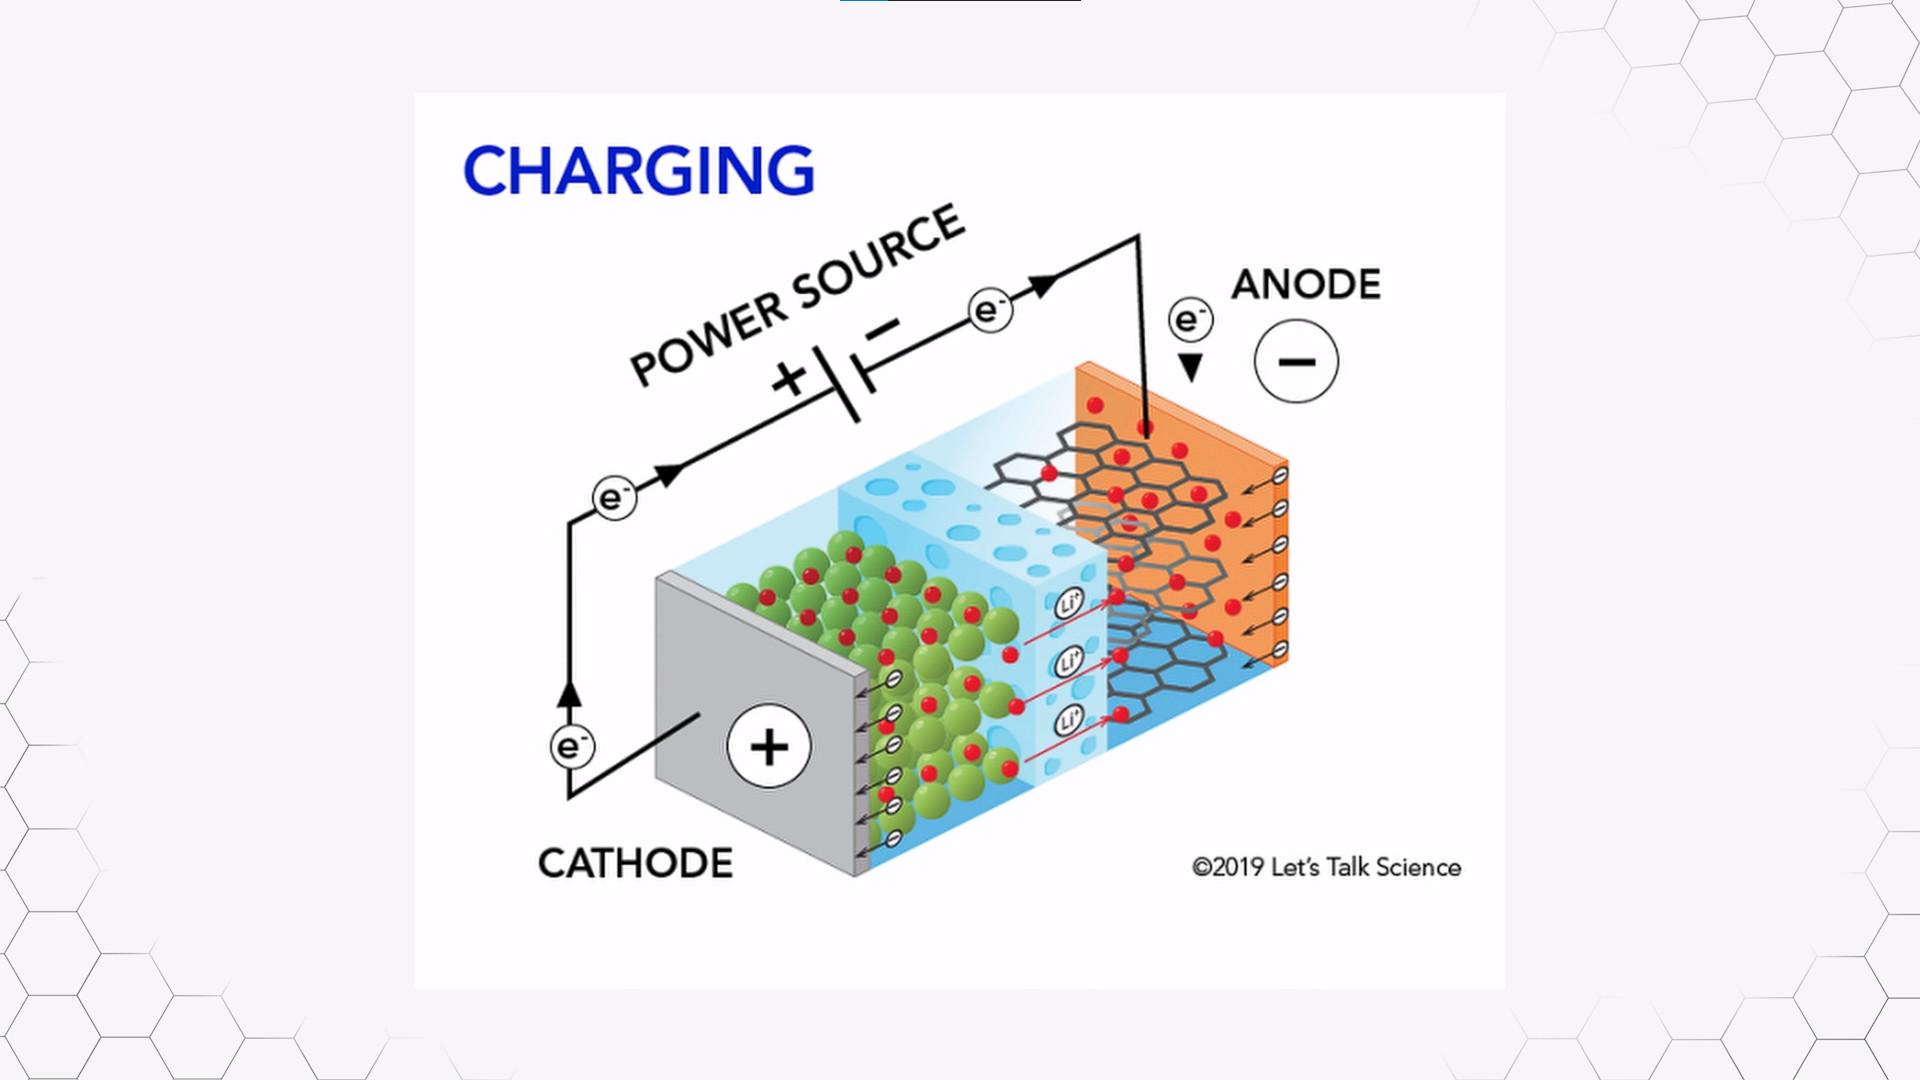 Hiện tại, vật liệu để làm nên chất kết dính cho anode đang là Polyvinylidene Fluoride (PVDF)